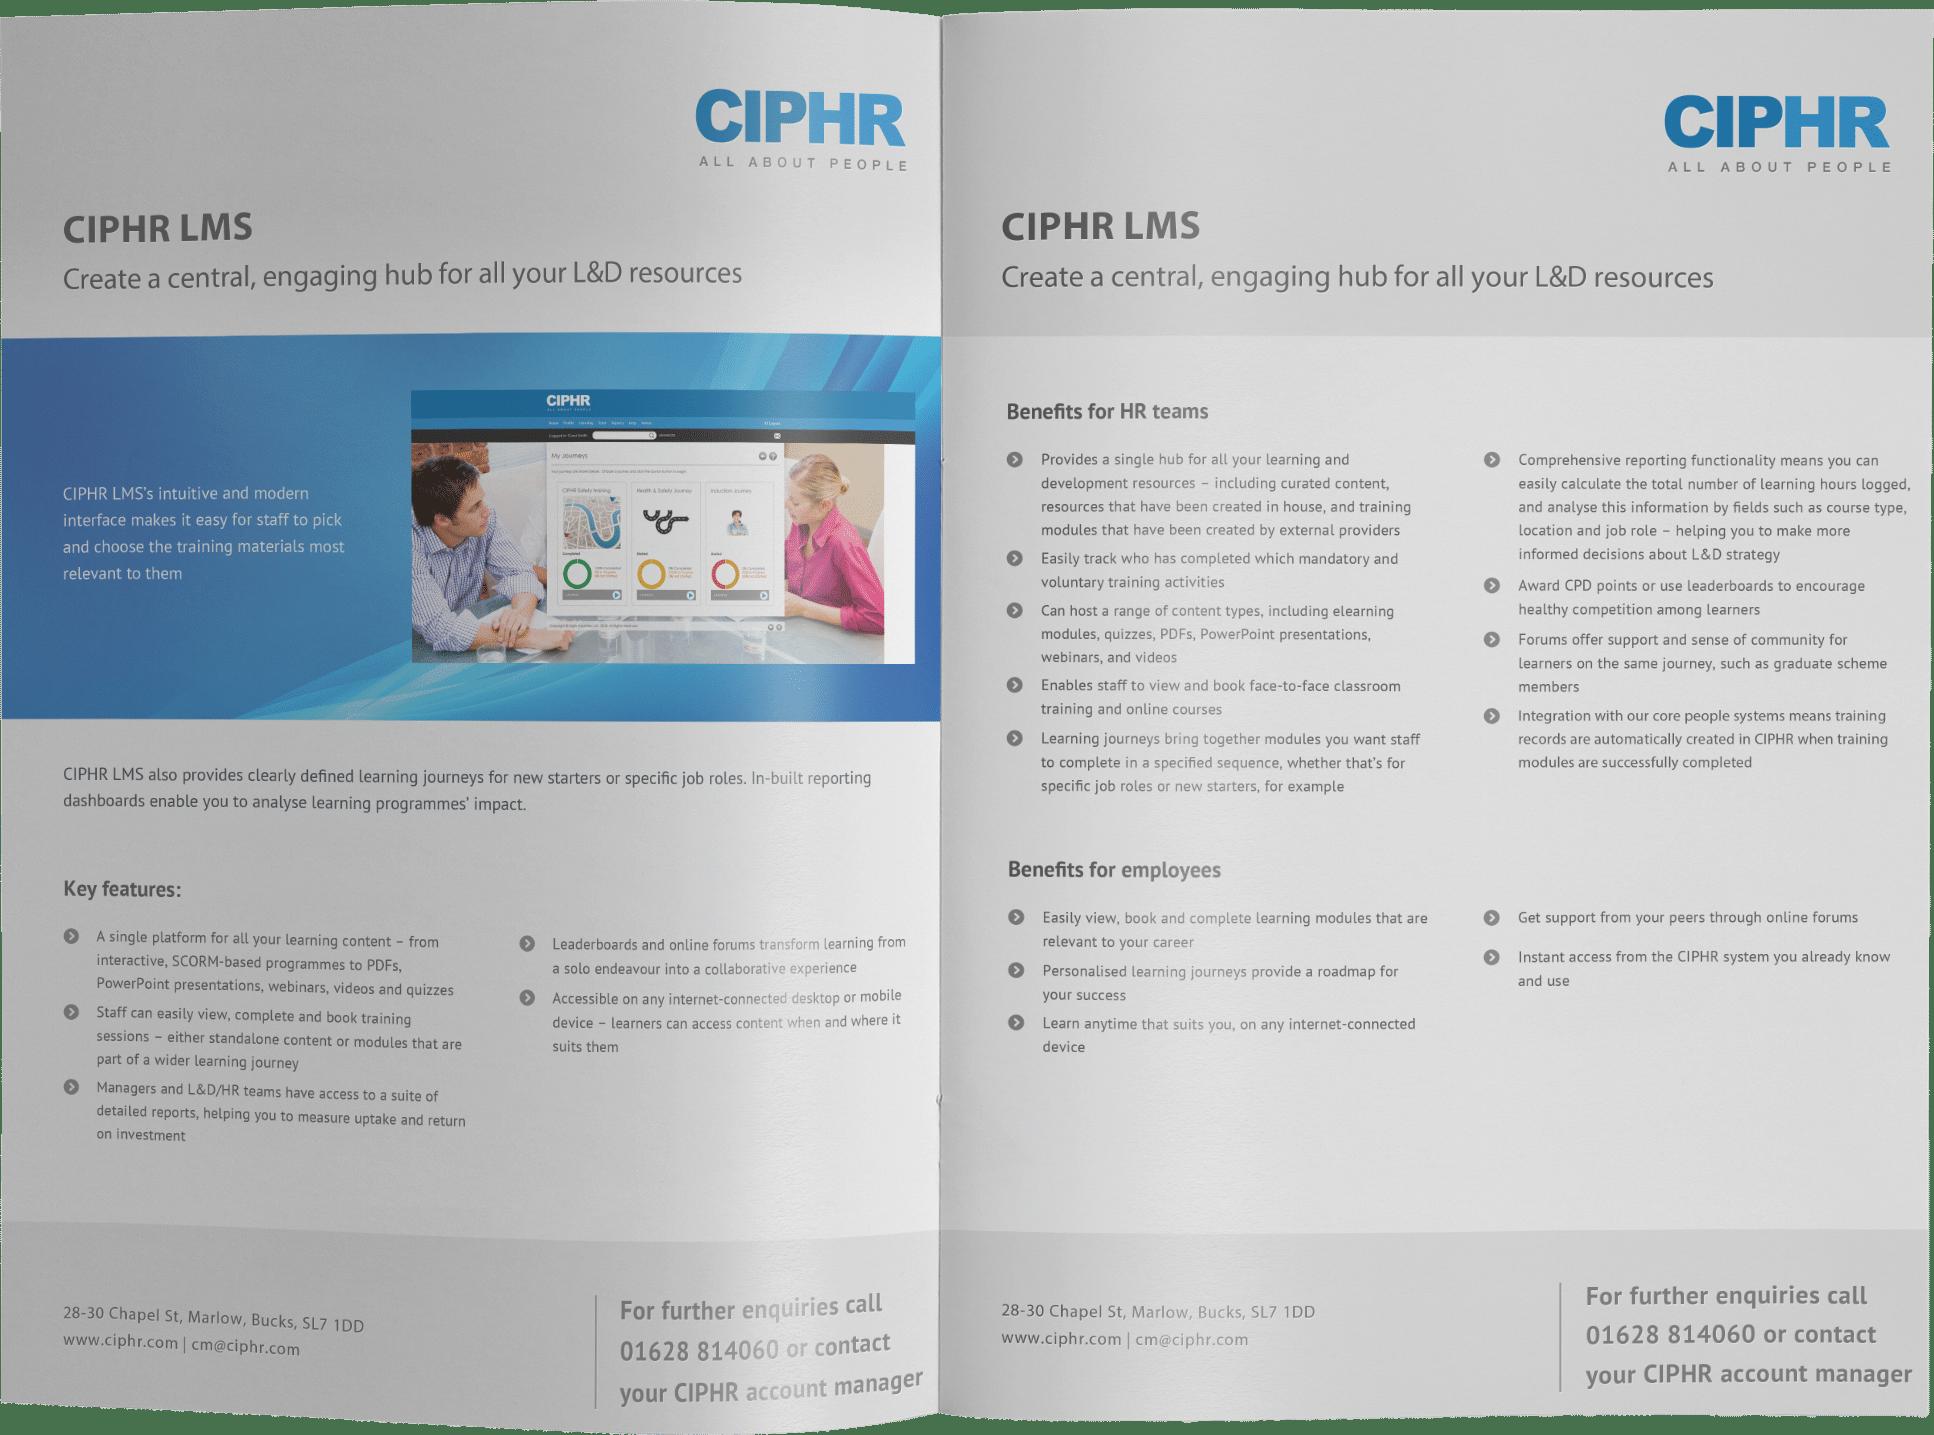 CIPHR LMS Brochure